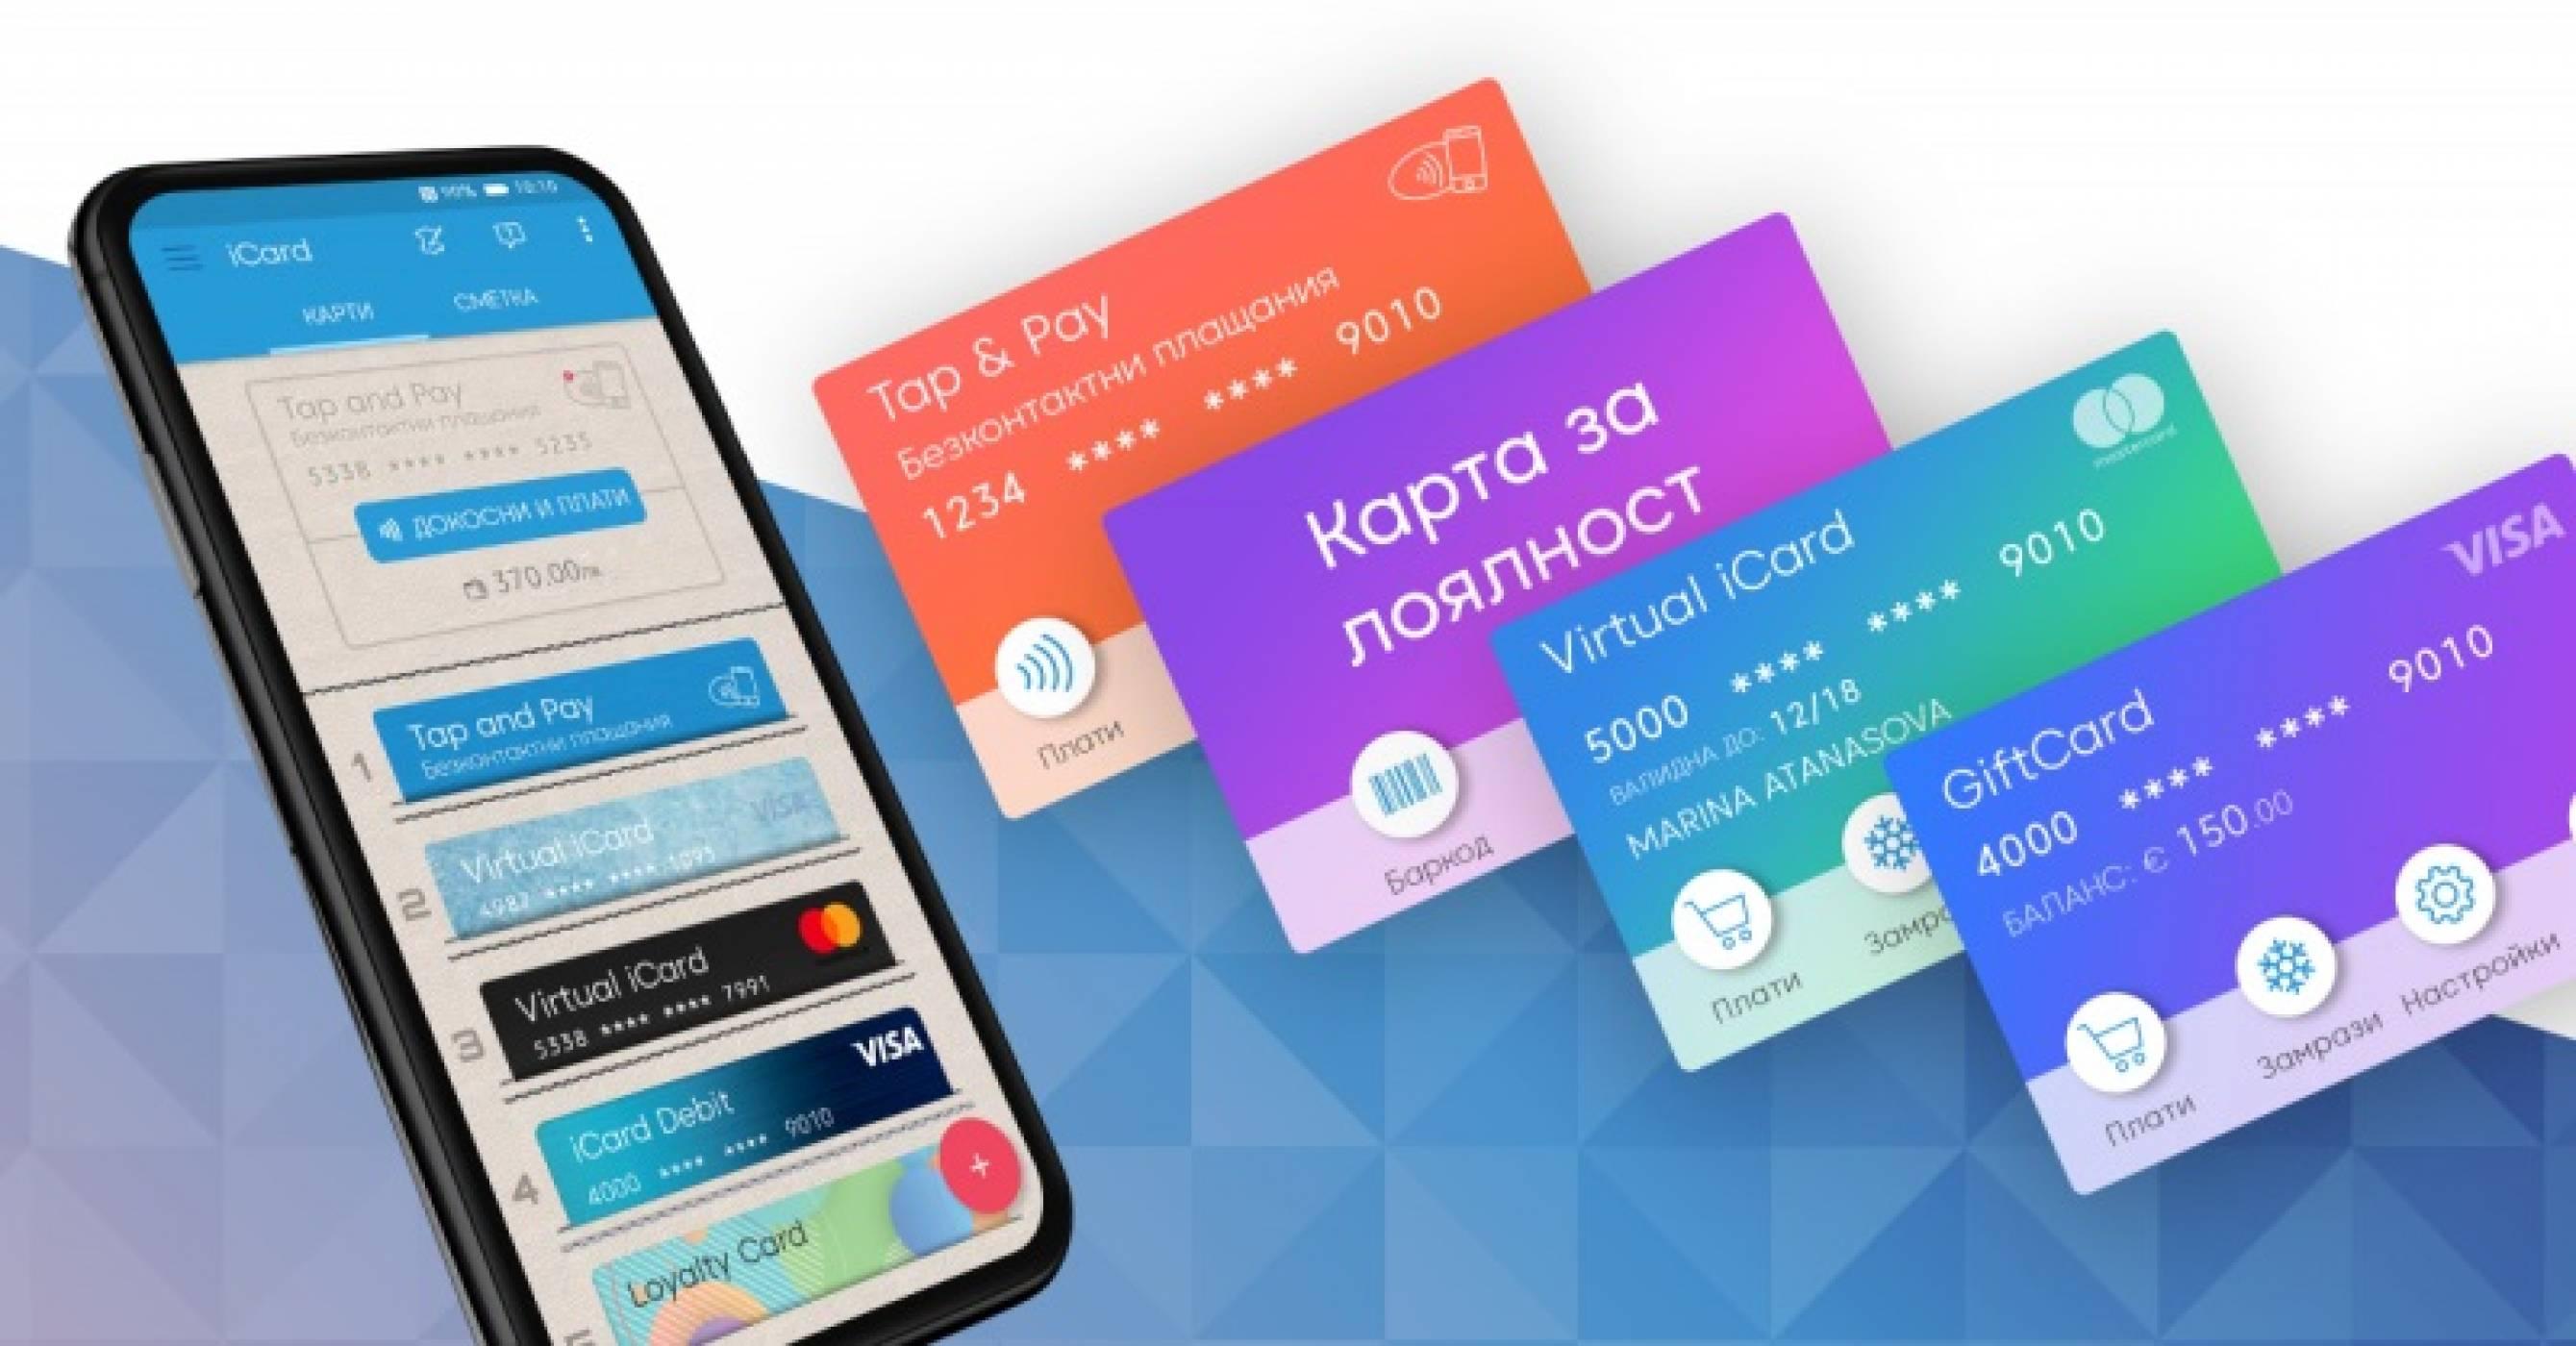 Виртуалните карти - или как да пазаруваме най-сигурно онлайн с дигитален портфейл